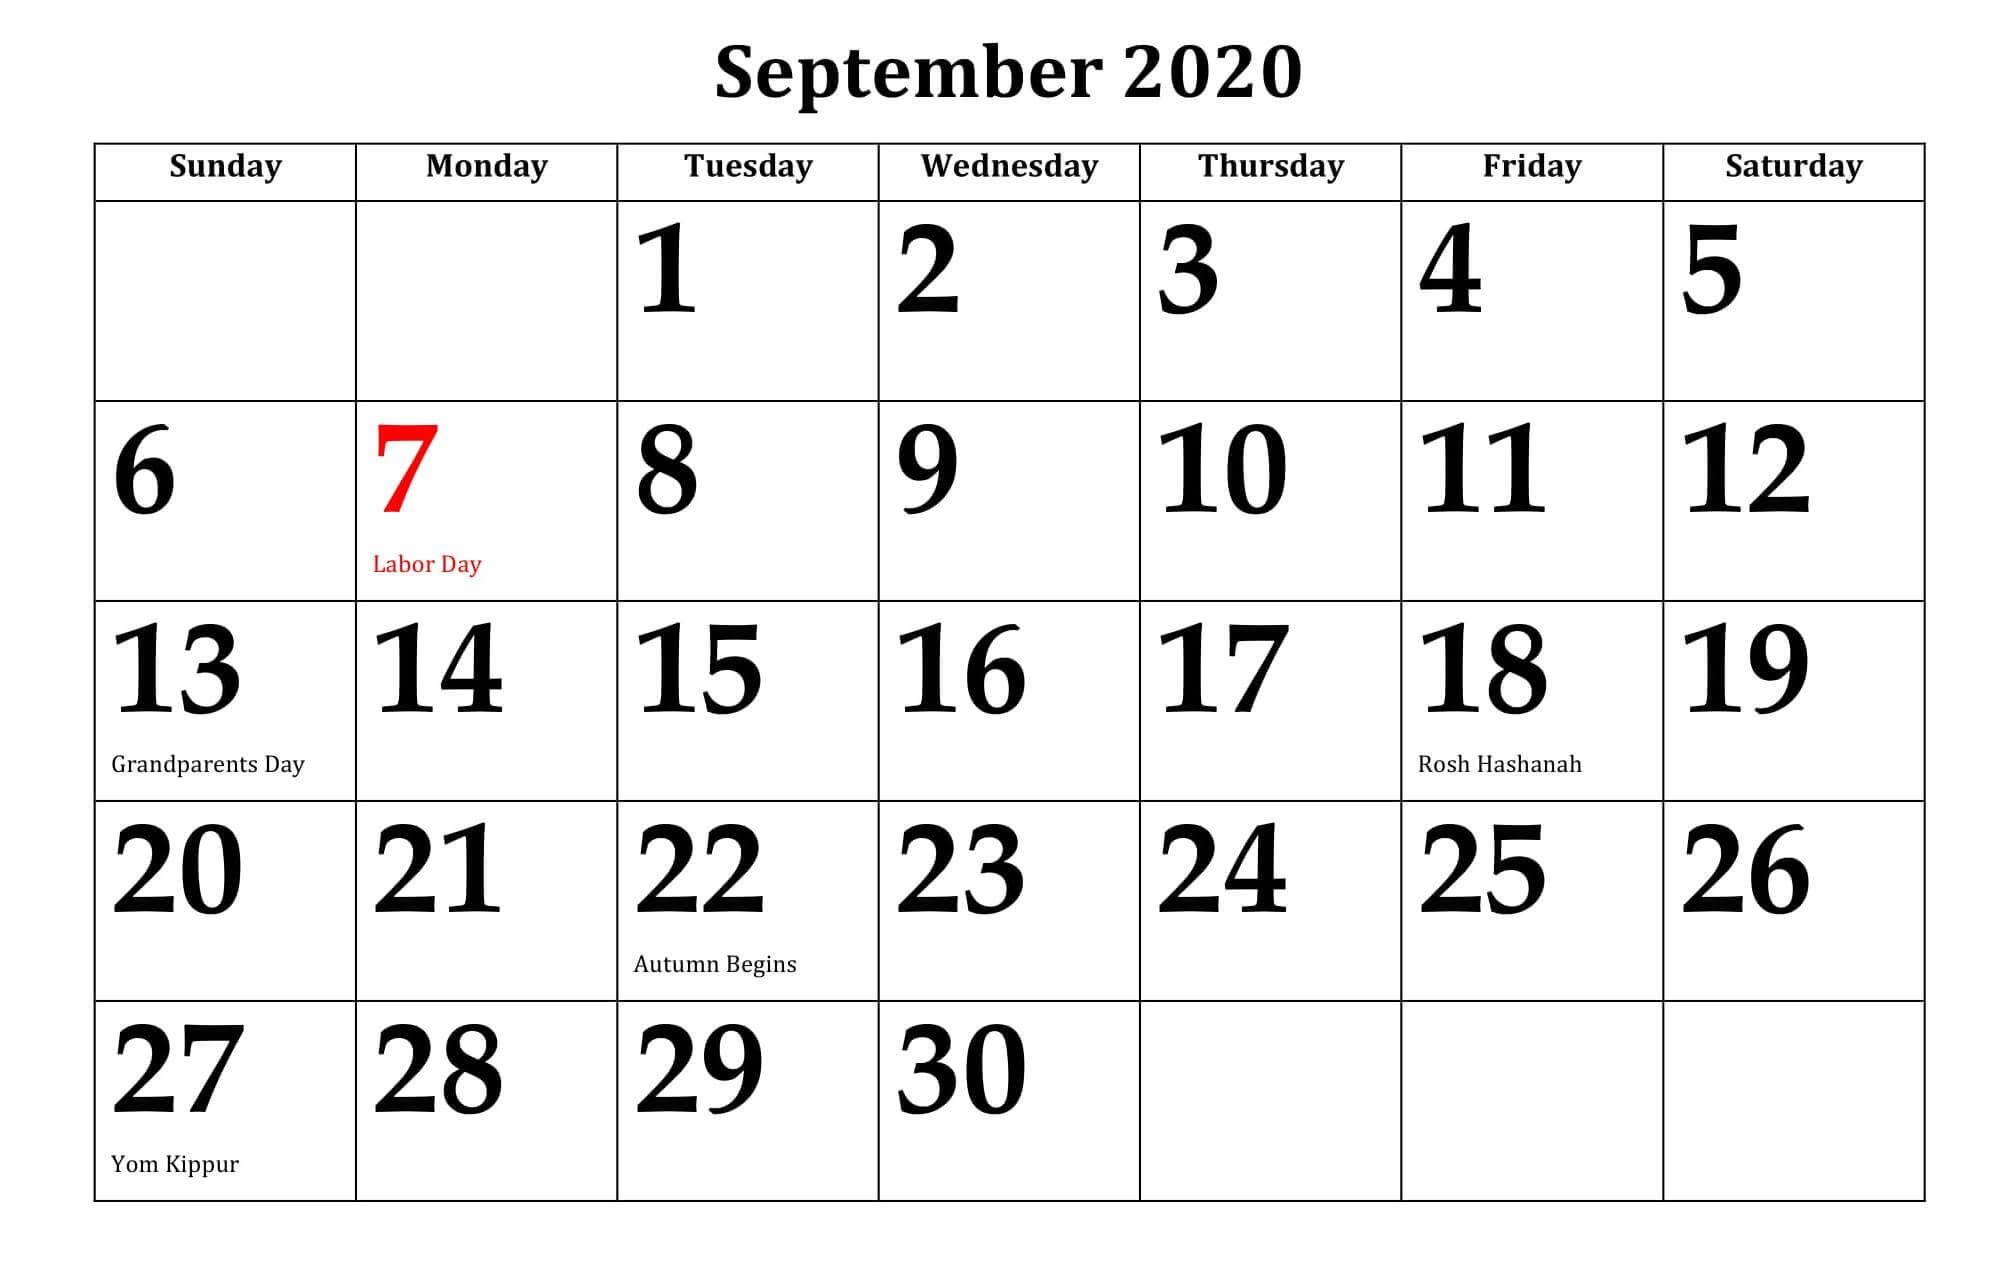 September 2020 Calendar Kalnirnay In 2020 | Federal Holiday with regard to September Calendar 2021 Kaalnirnaya